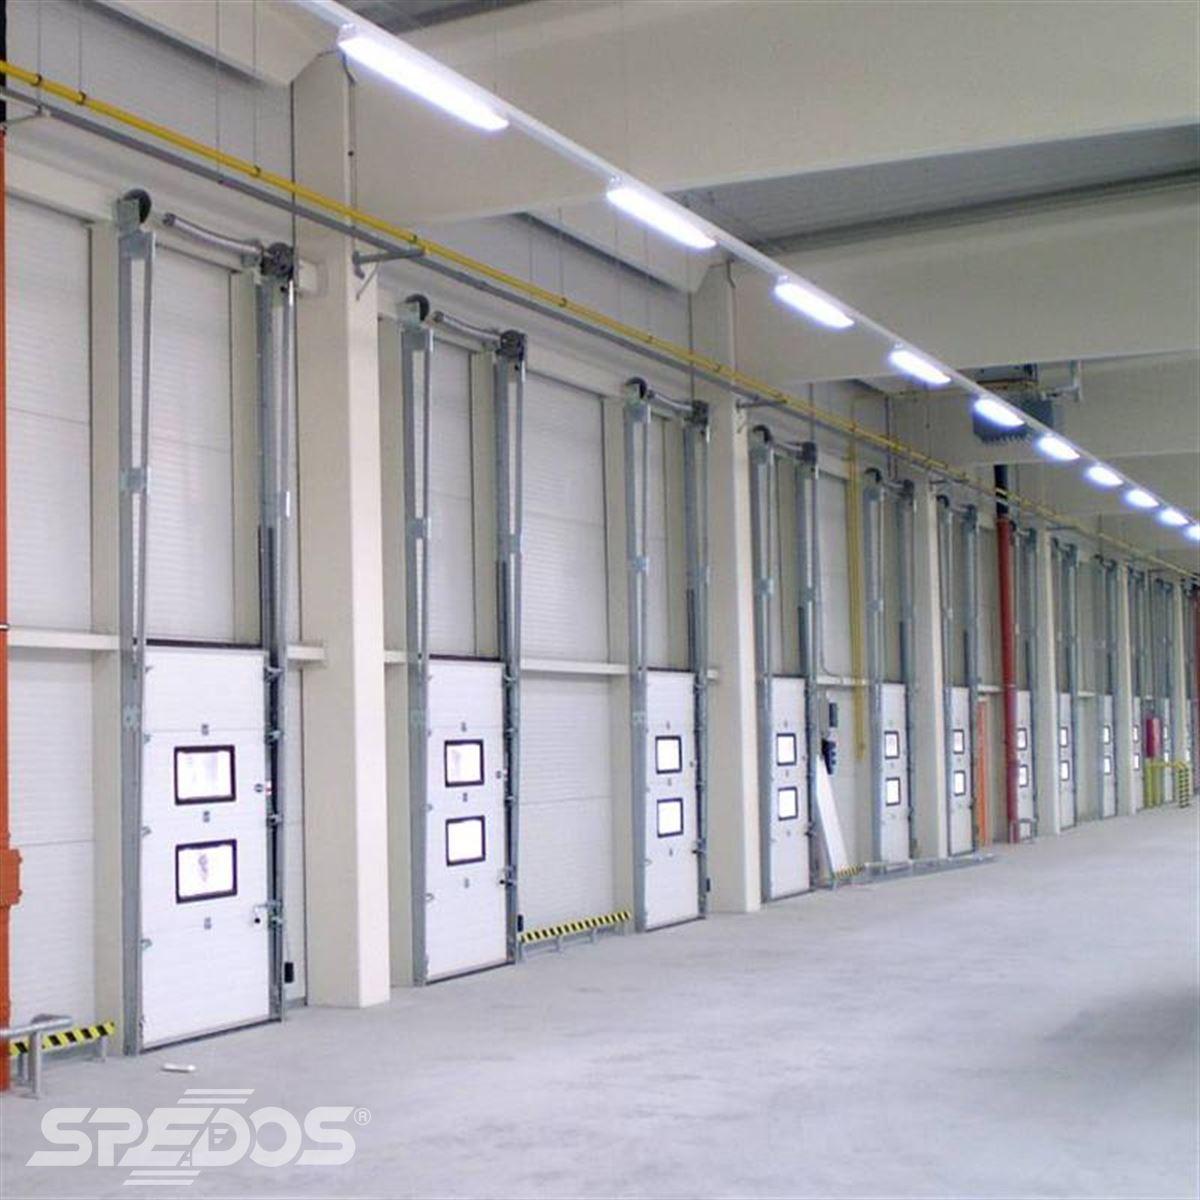 nakládací systémy pro logistické centrum 2